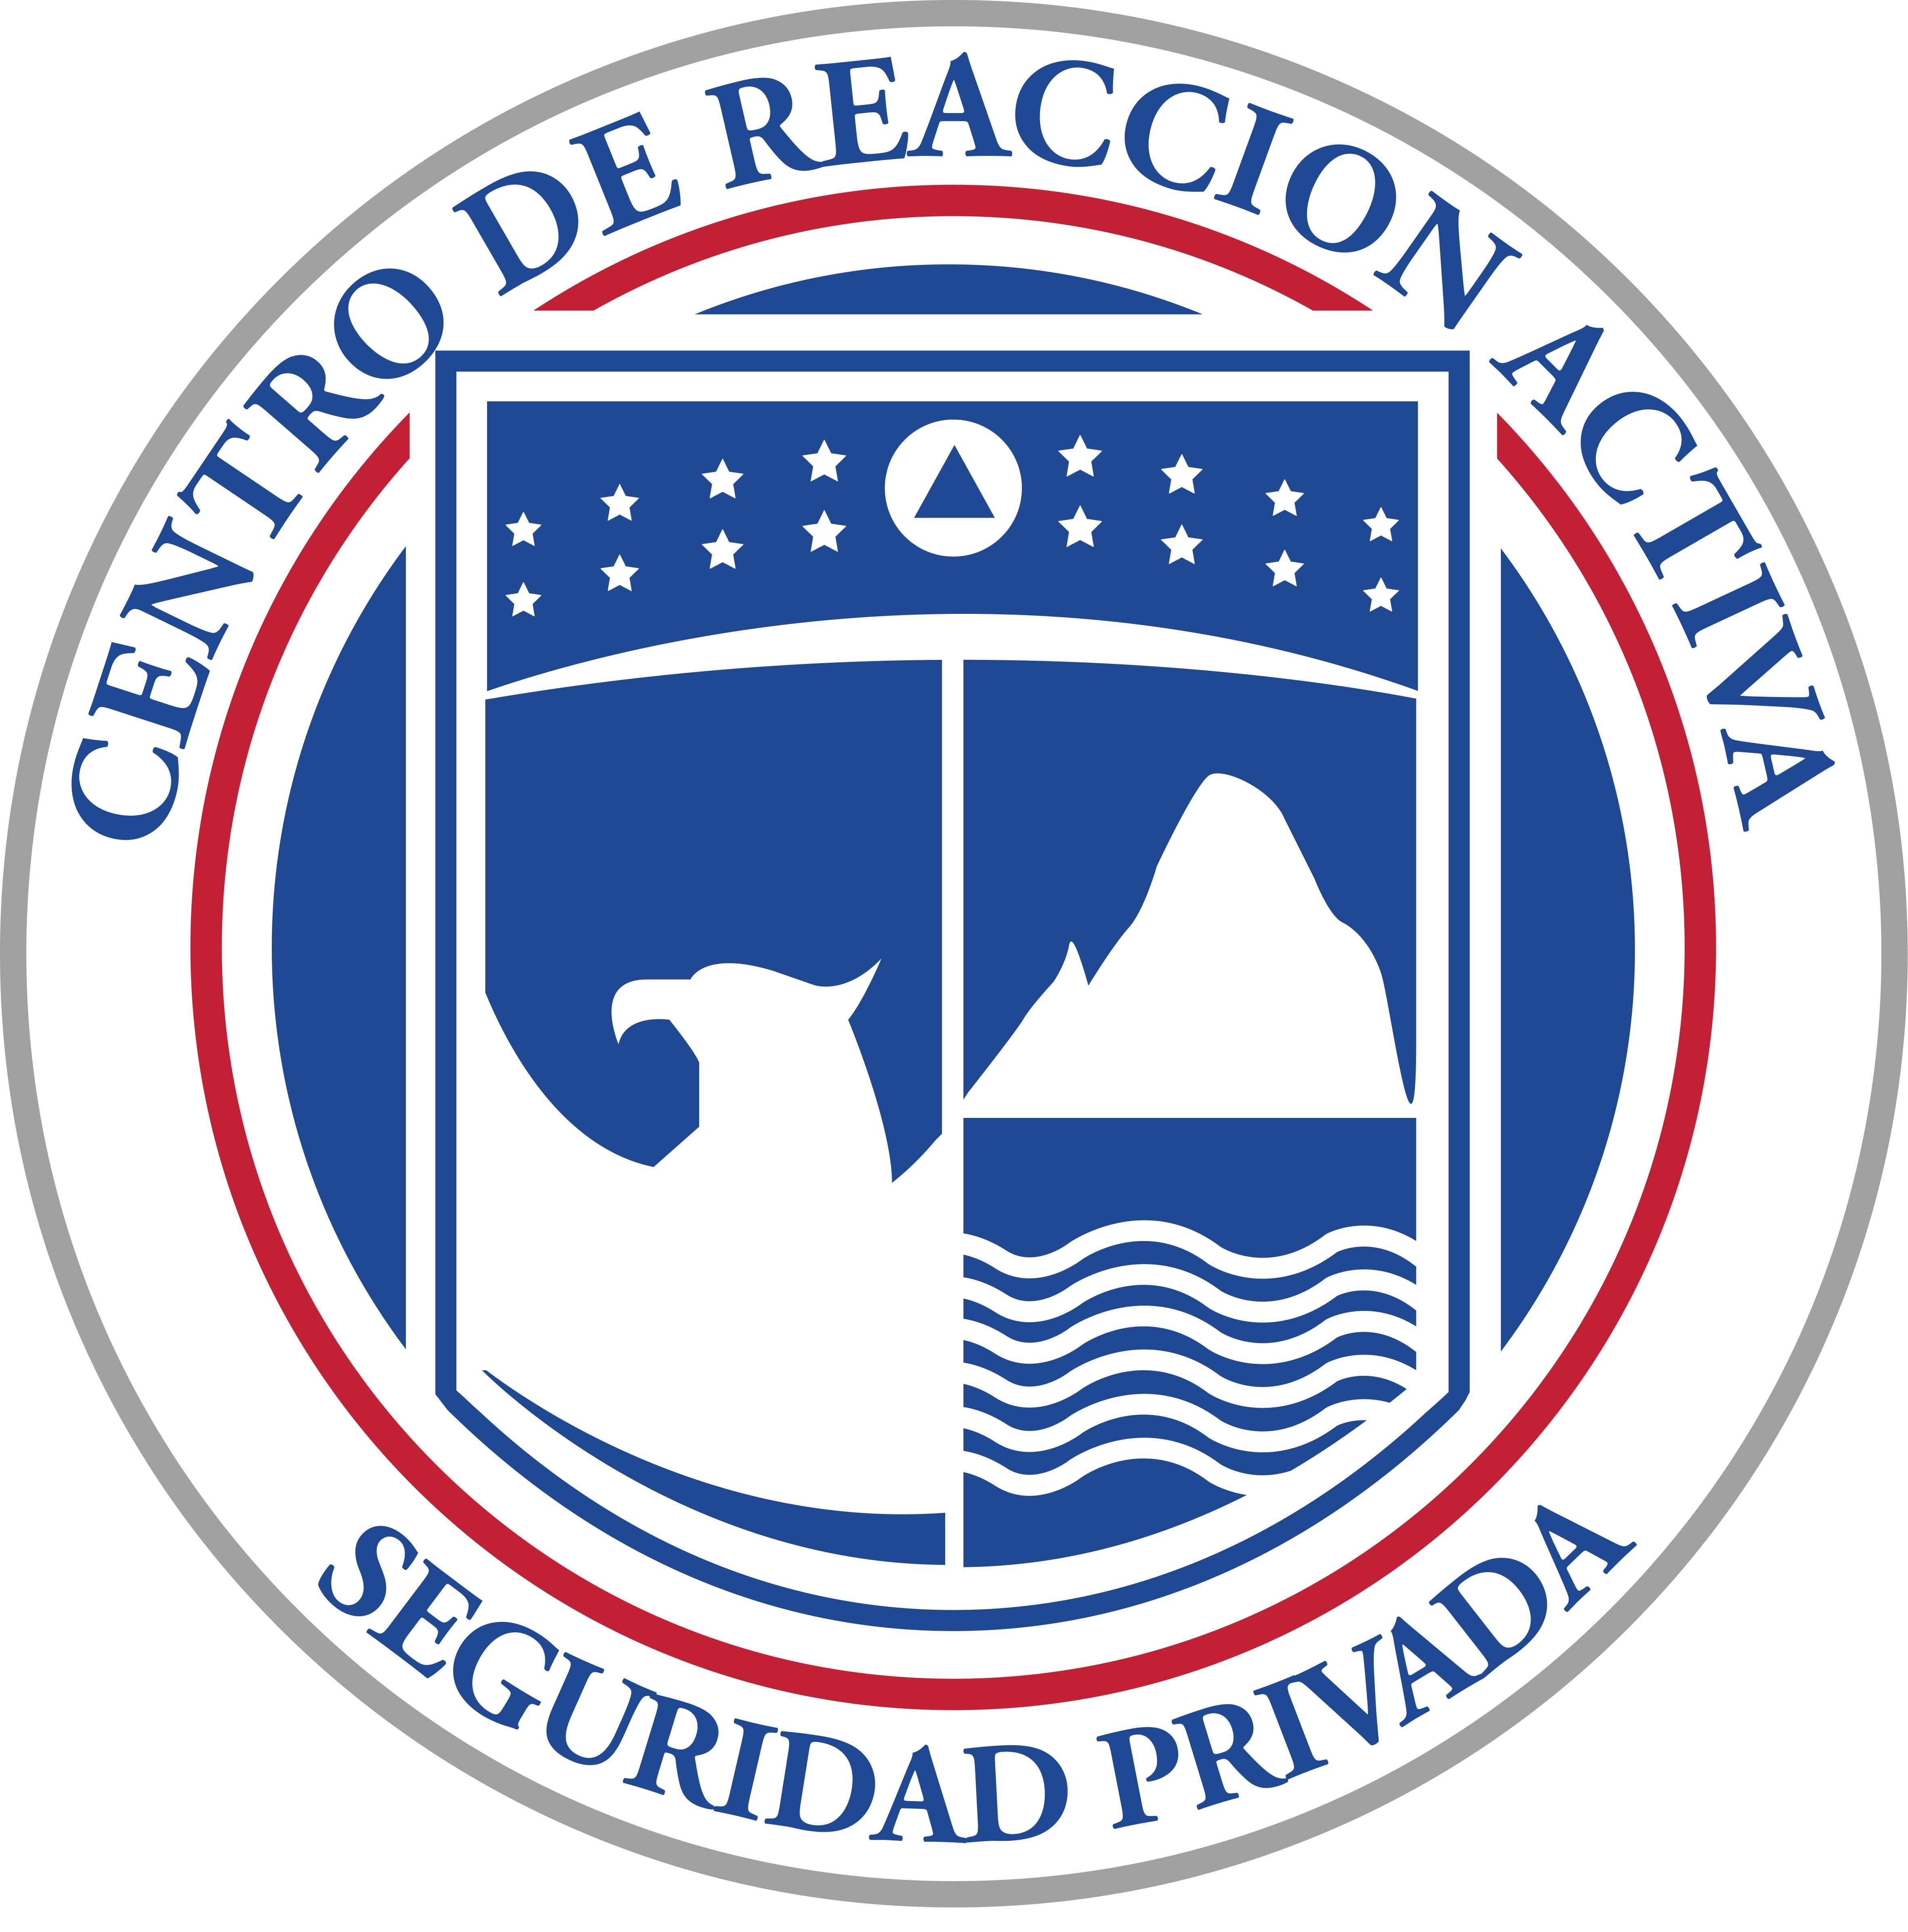 CERA Seguridad Privada